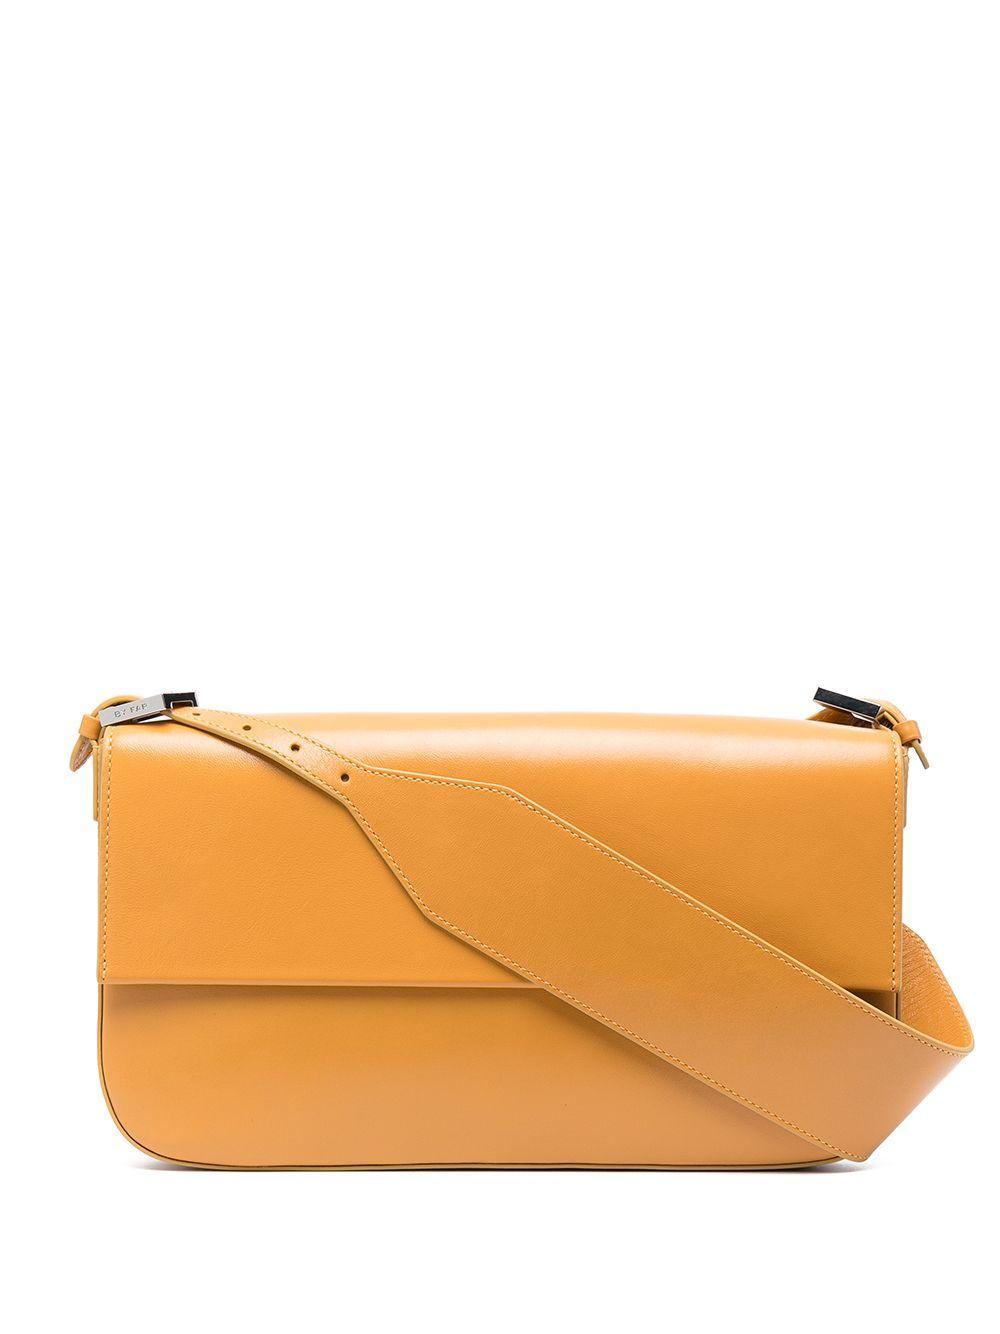 Manu Gloss Leather Shoulder Bag Item # 21CRMNSHNGLSMED